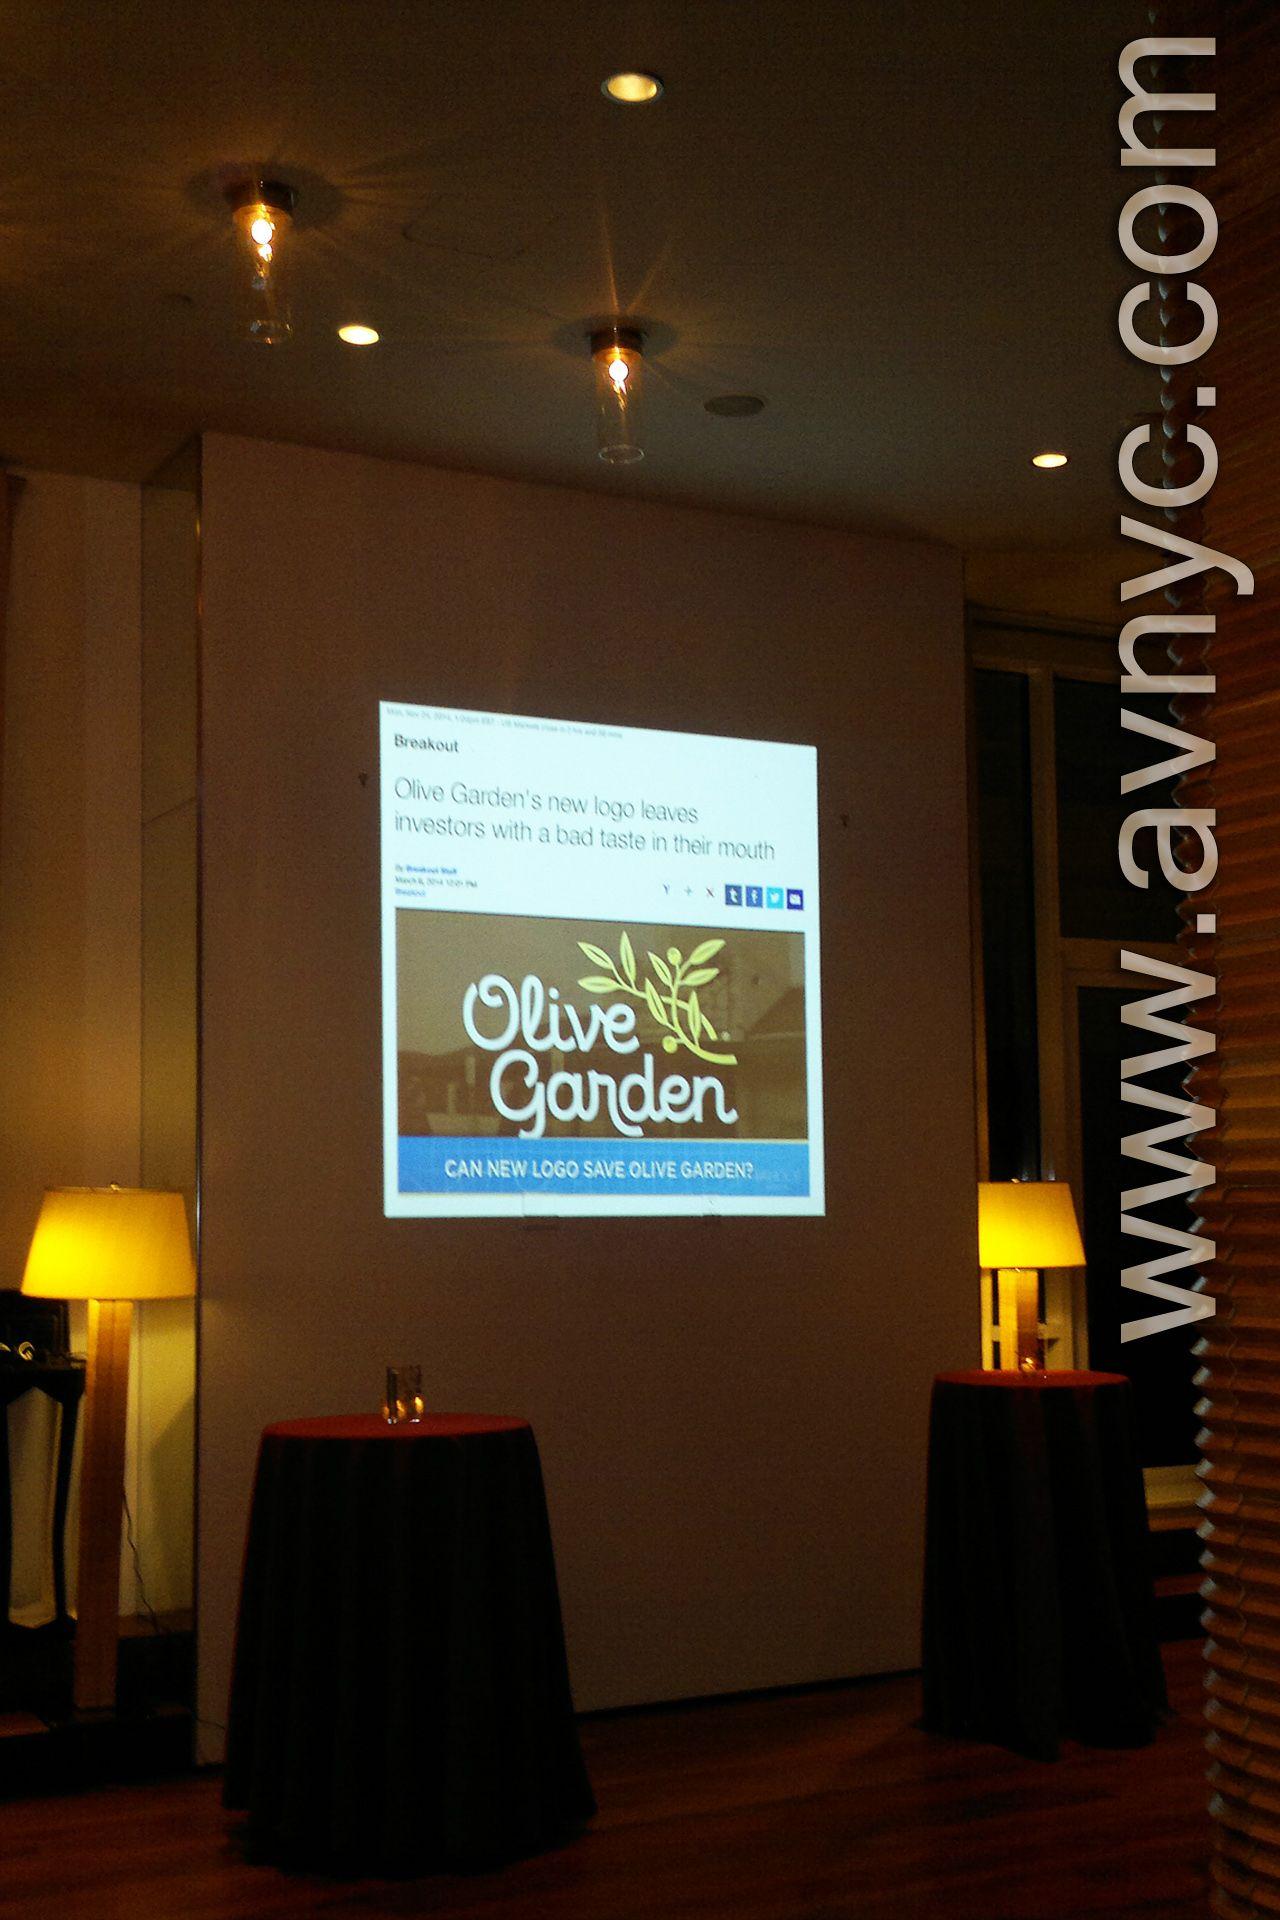 AV equipment rental, projector rental NYC, #projectorrentalsnyc ...